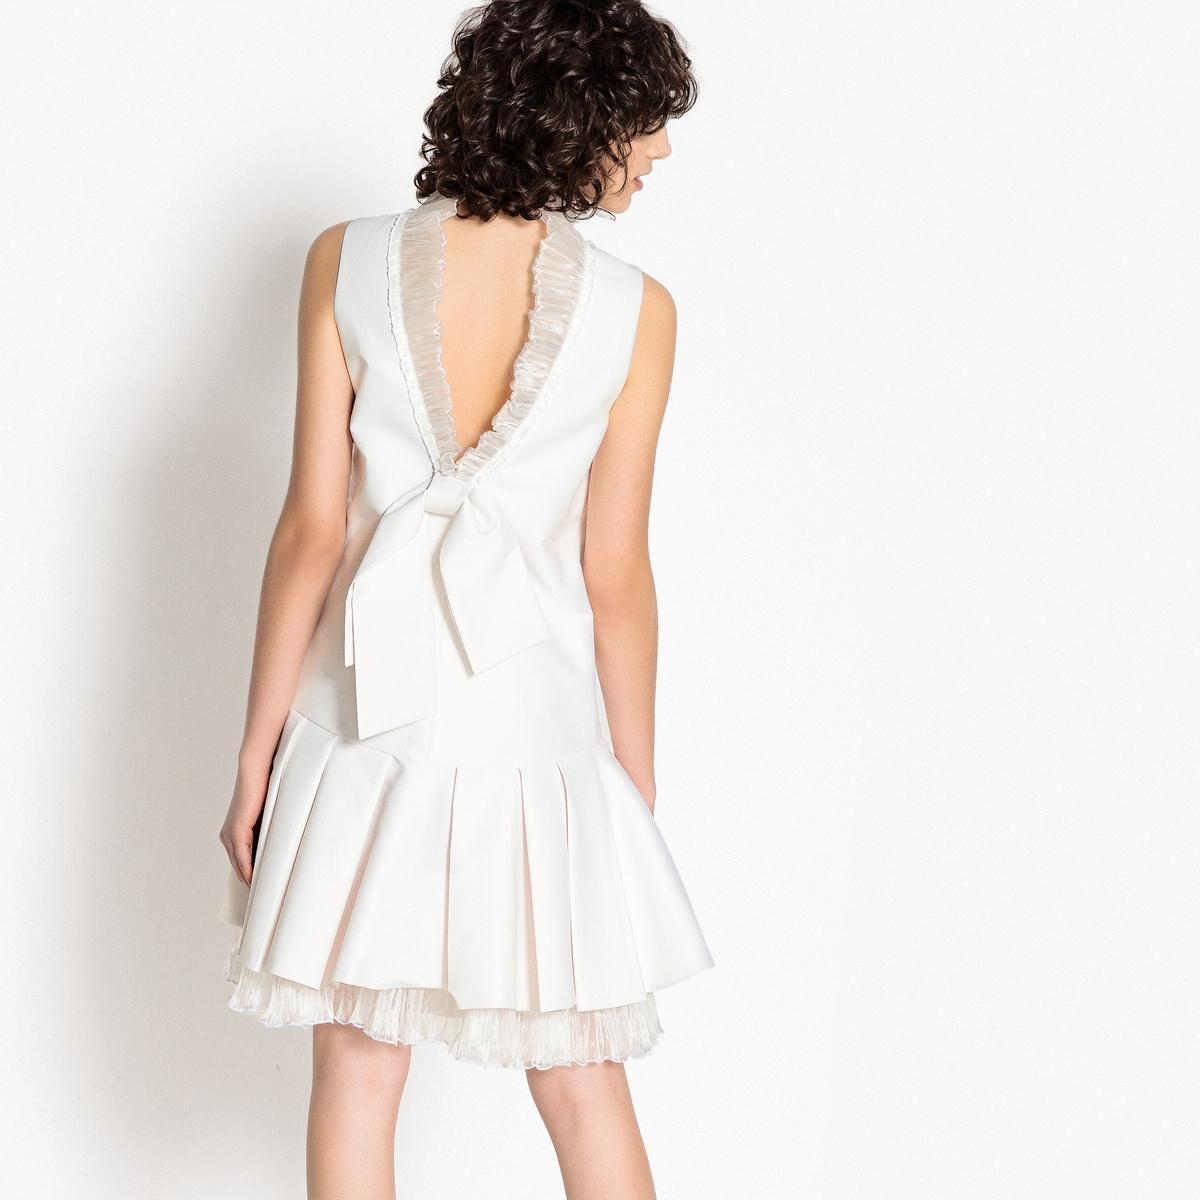 Платье свадебное короткое из тюлевой ткани, красивая спинка с бантом свадебное платье prettycolor bridal 0331